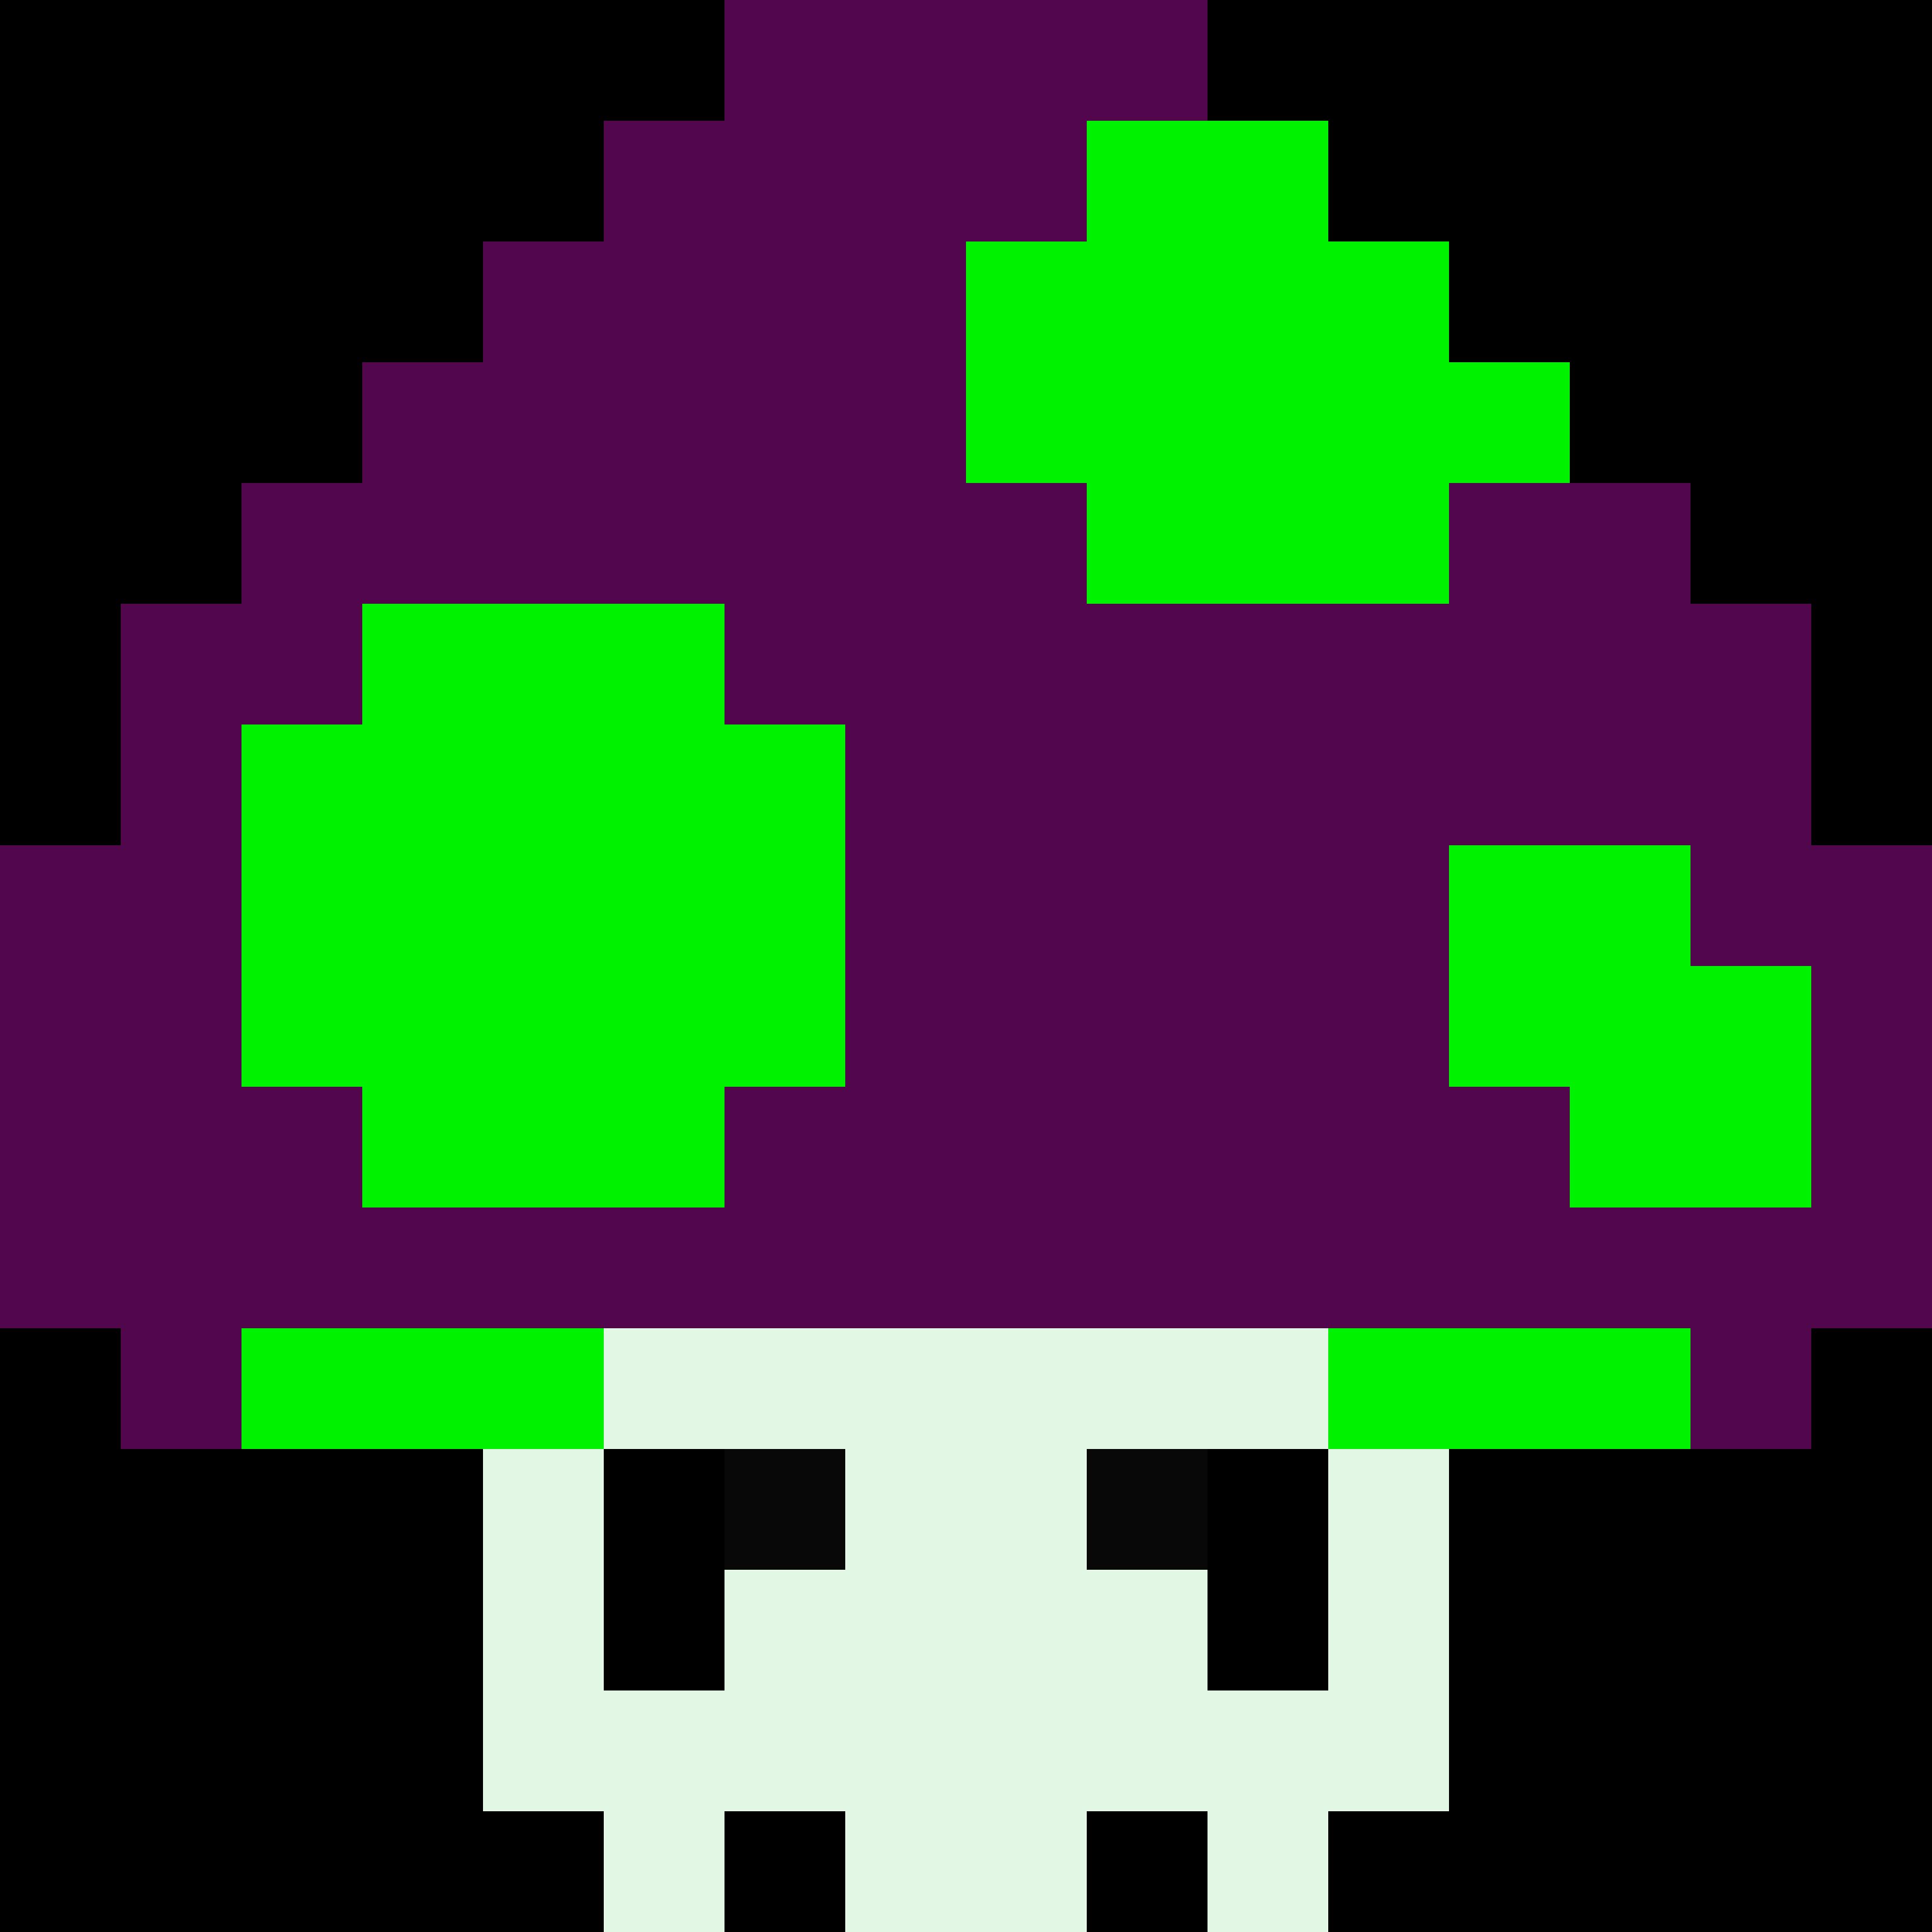 Boneyard avatar 1 (Rough Draft)